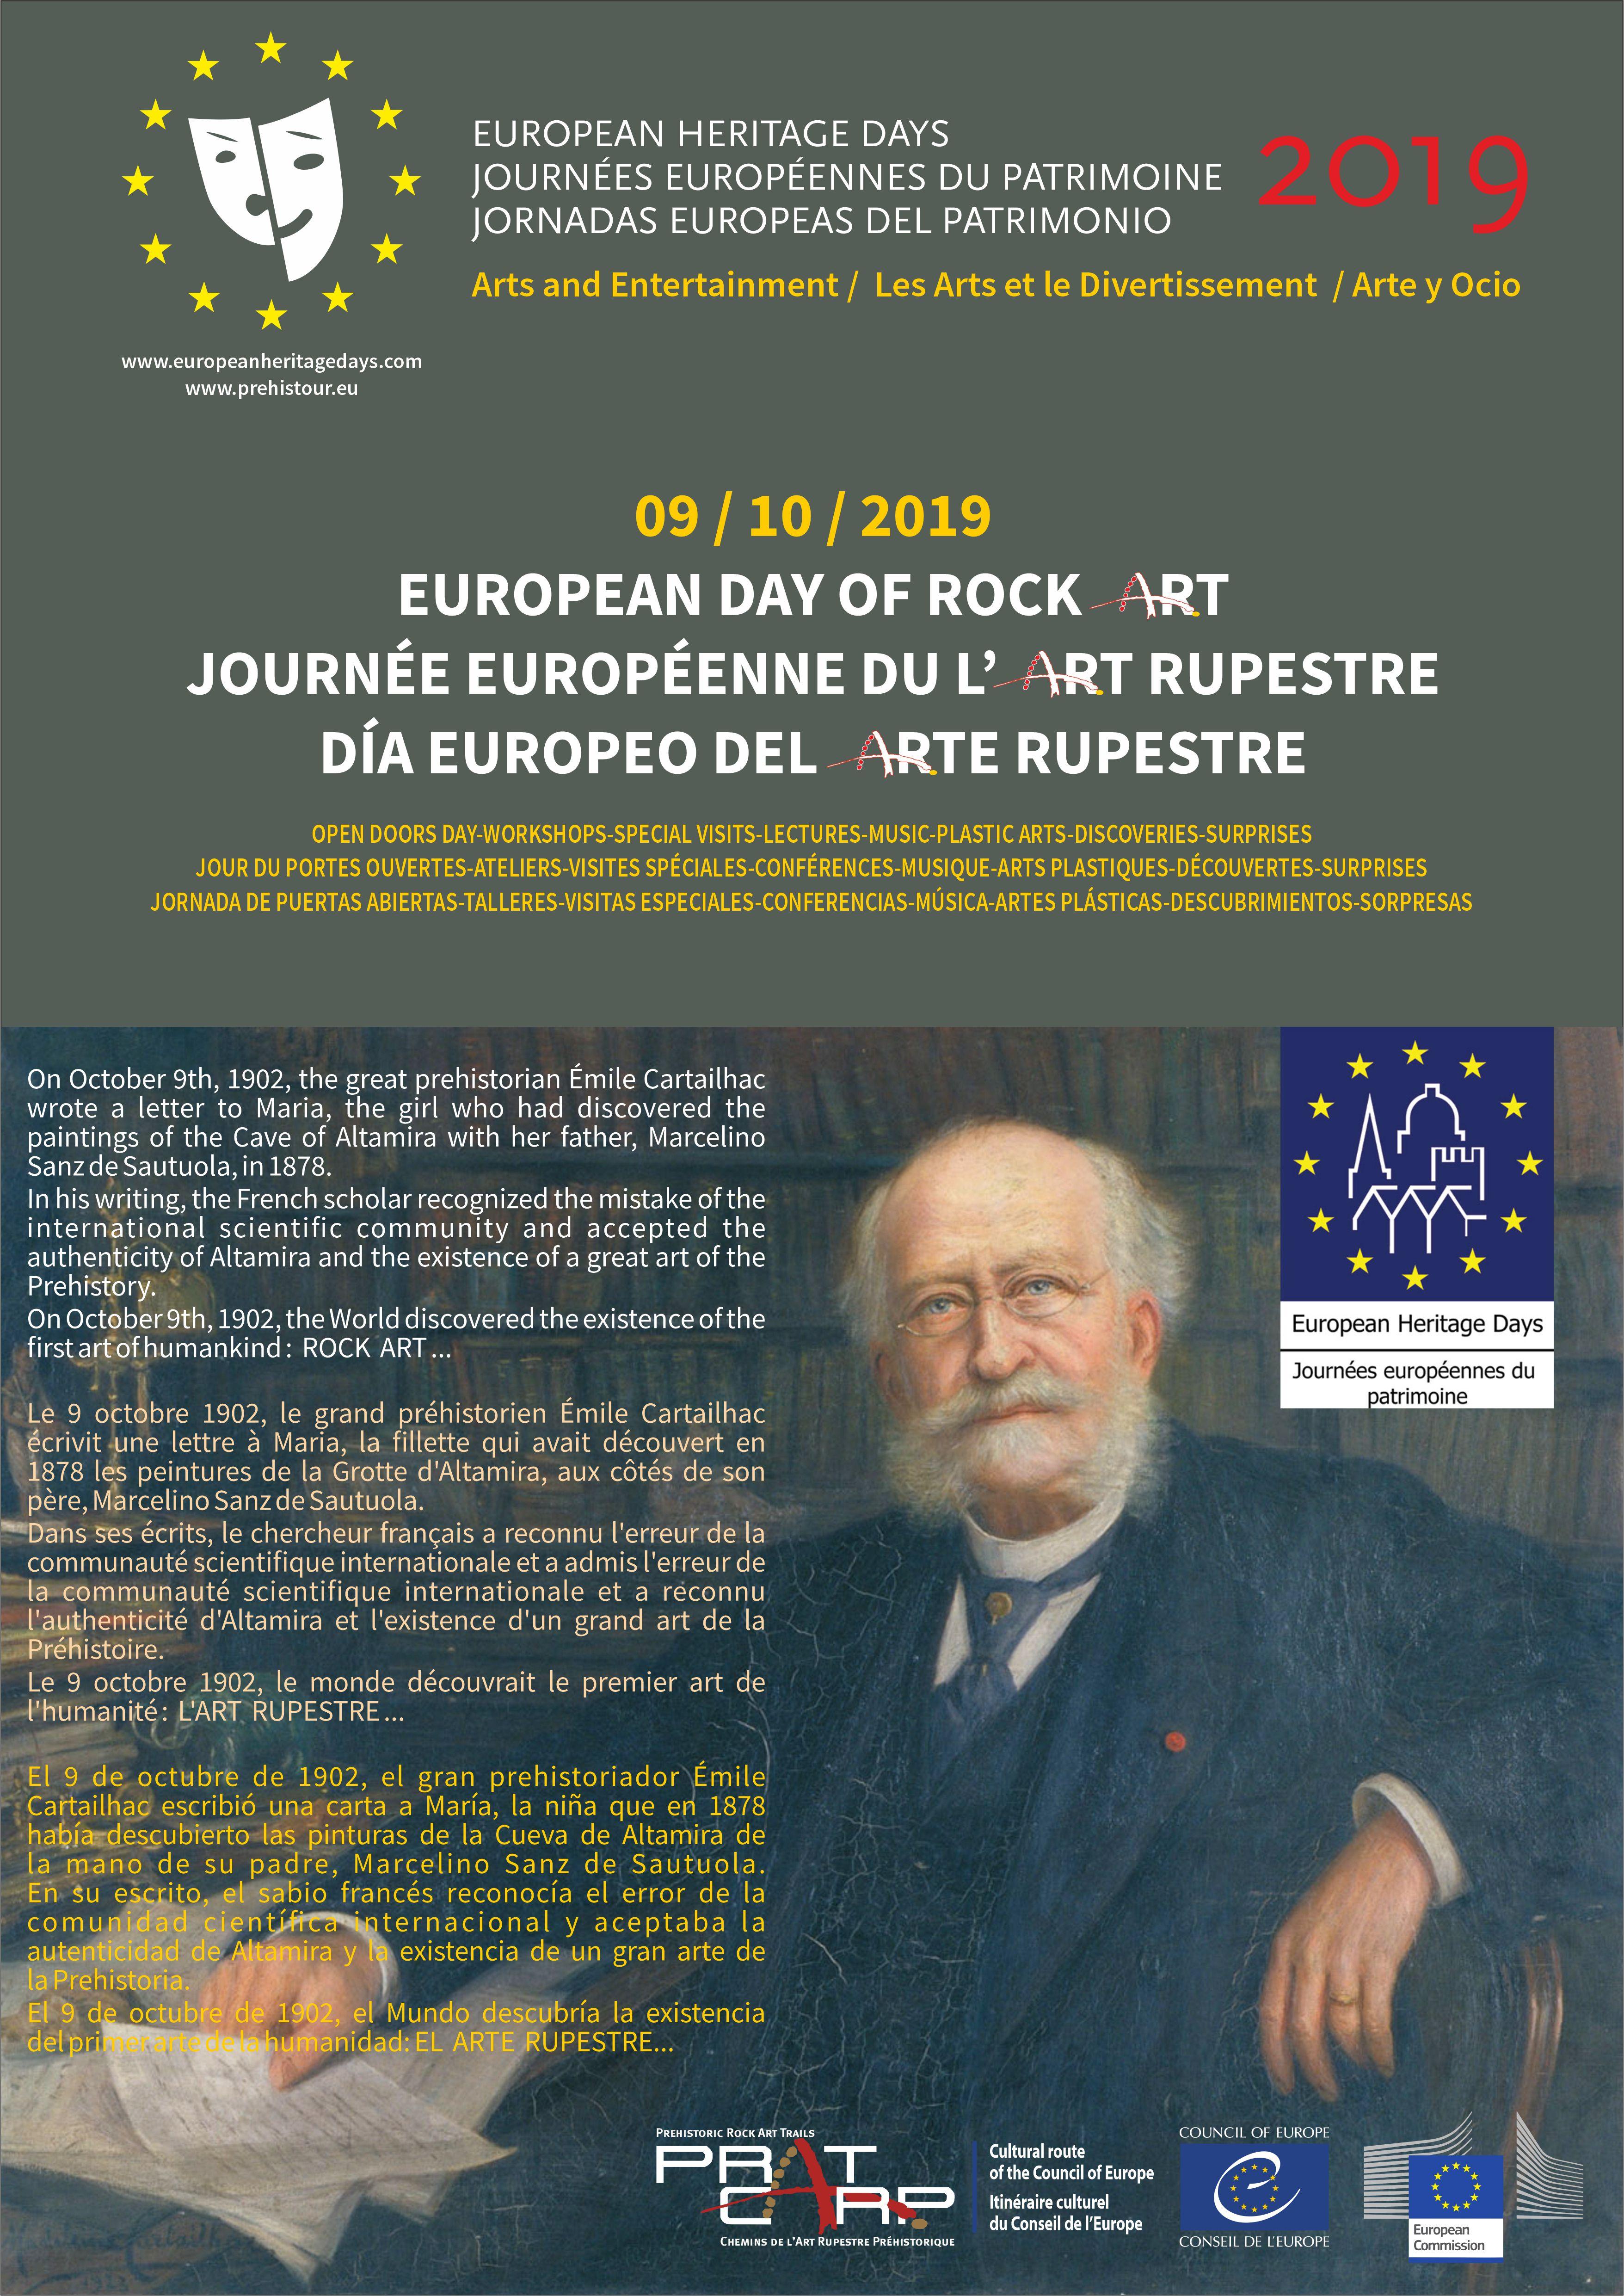 El 9 de octubre es el Día Europeo del Arte Rupestre